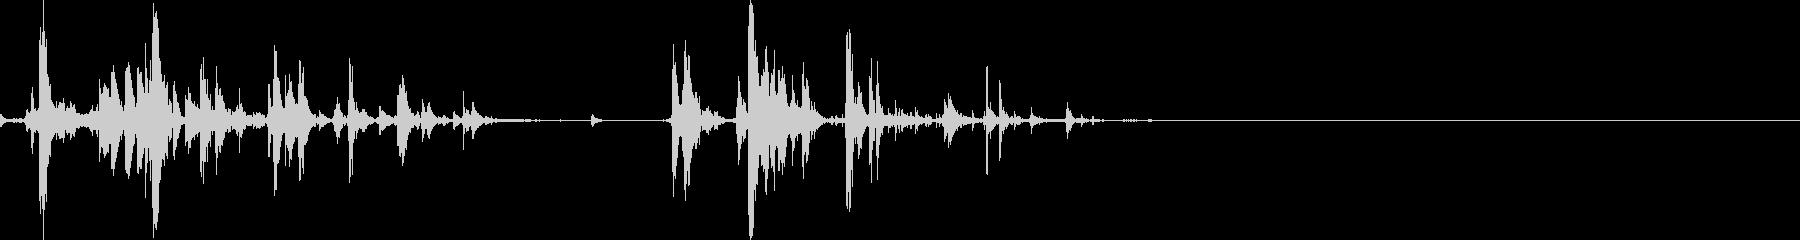 カリコリ(スナックを食べる音)の未再生の波形